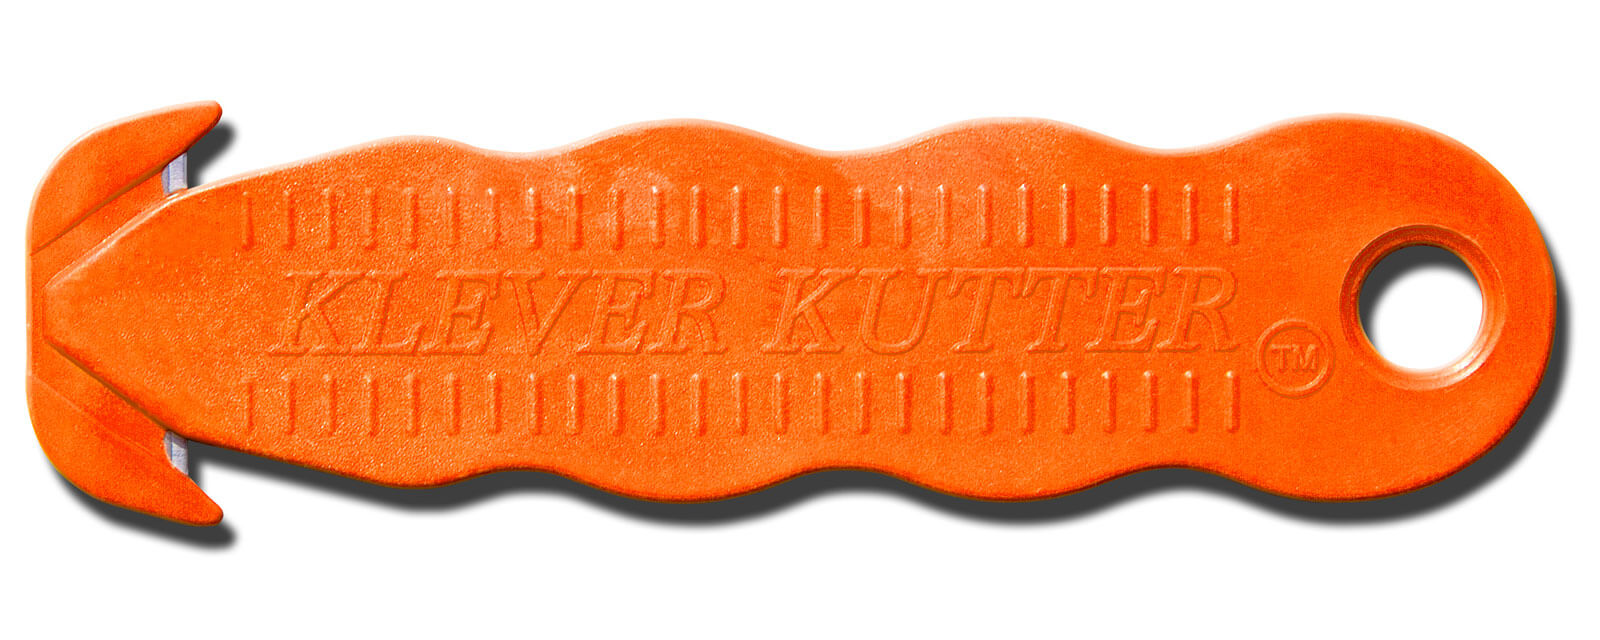 H035O-Sicherheitsmesser-Klever-Kutter-CURT-tools